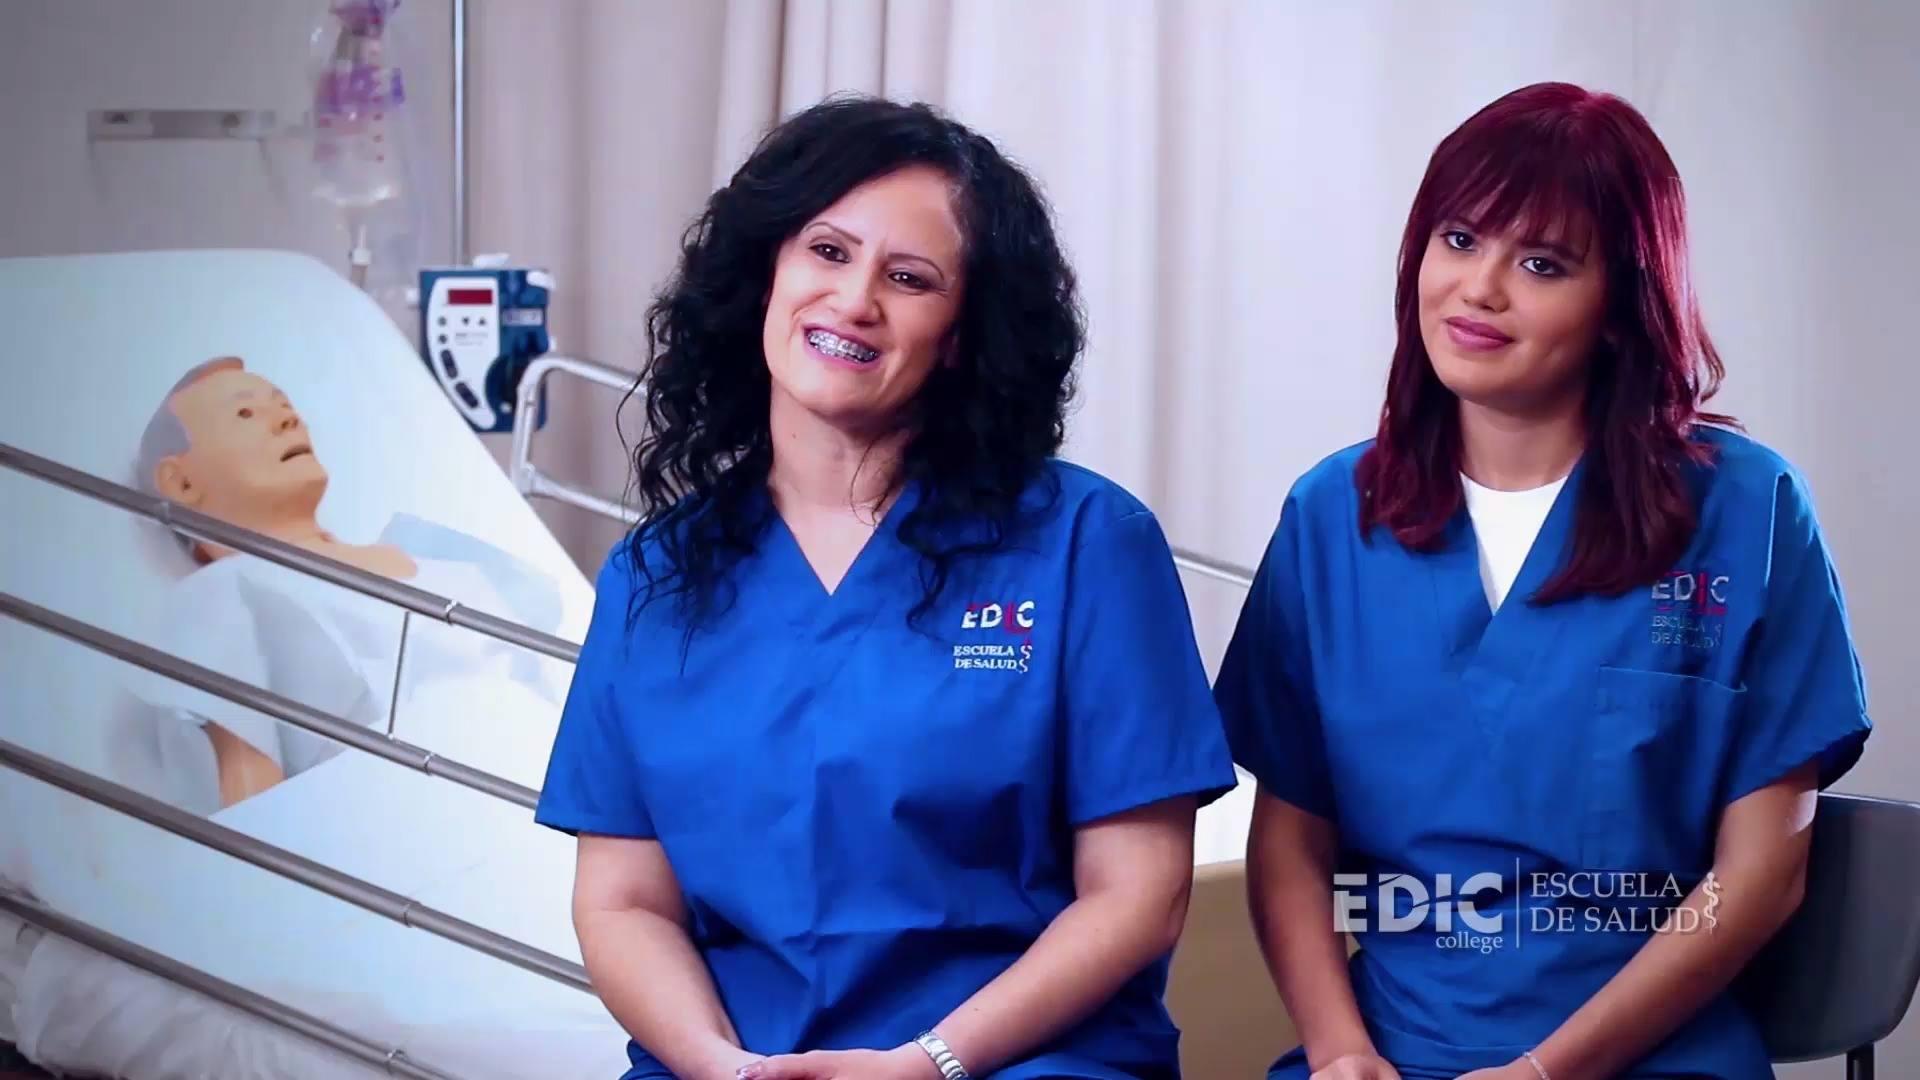 Carmen y Génesis - Madre e Hija que estudian en EDIC College